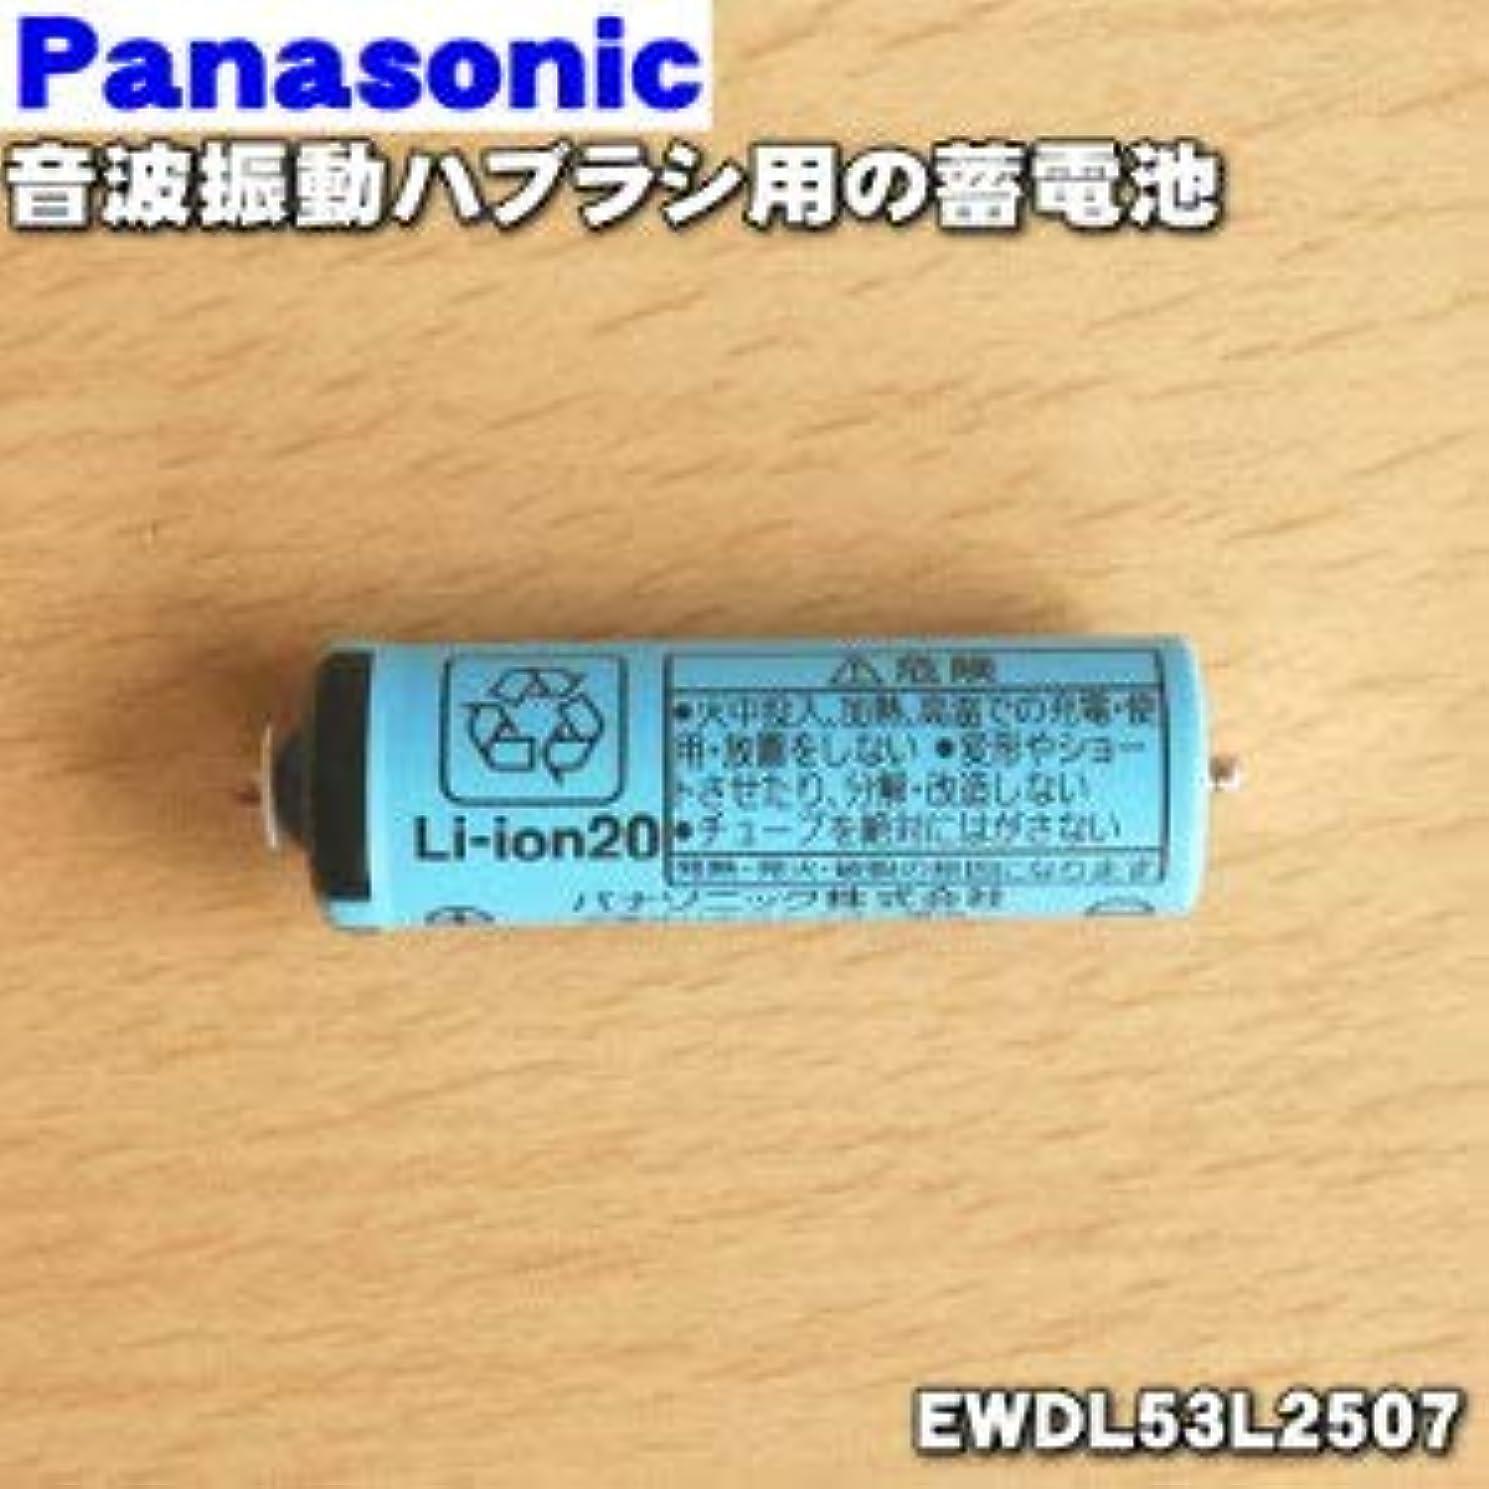 距離文言役立つパナソニック Panasonic 音波振動ハブラシ Doltz 蓄電池交換用蓄電池 EWDL53L2507